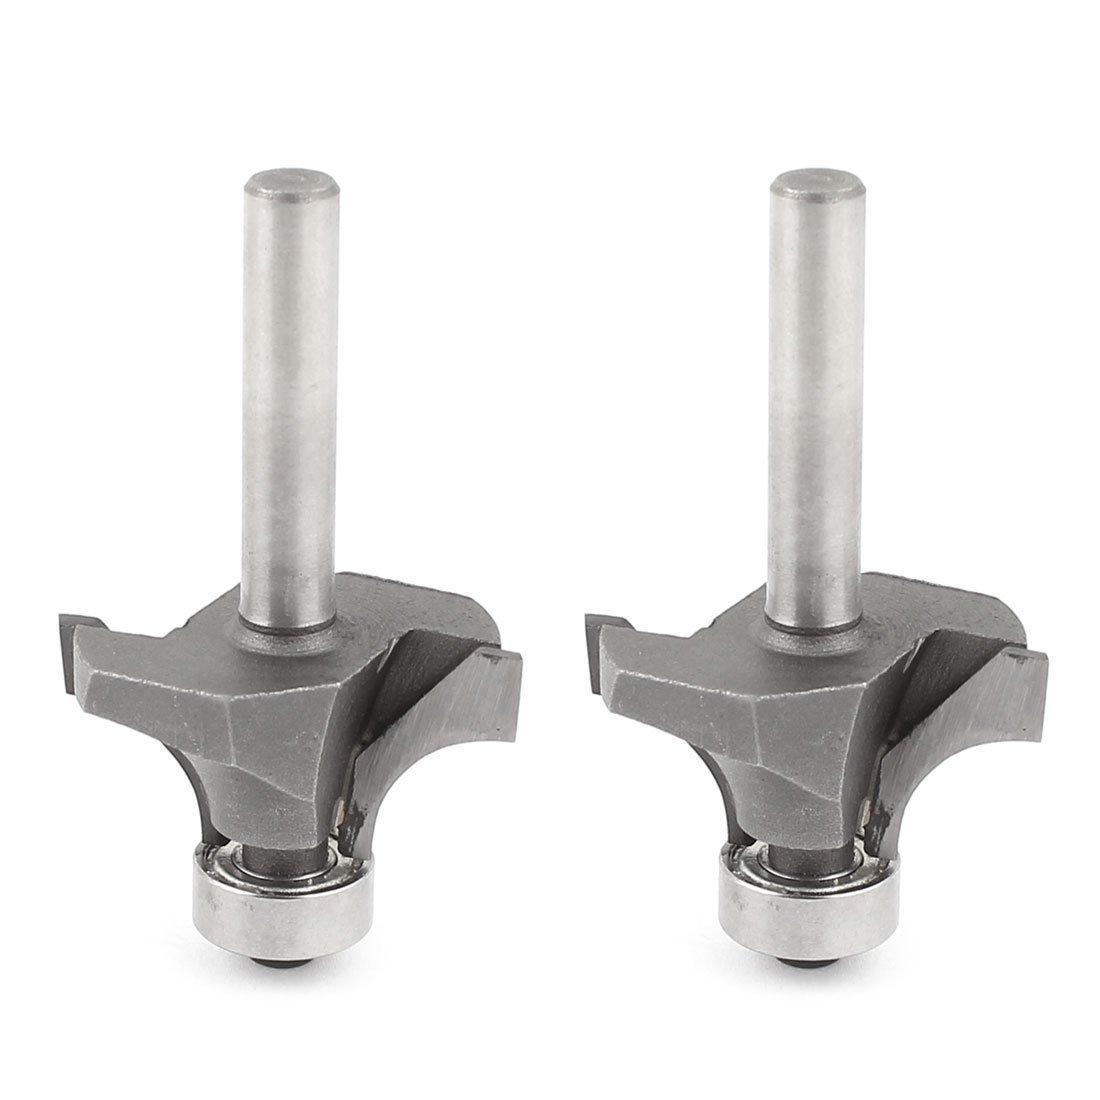 KWB 5302-10 Marcadores de espigar de 10 mm